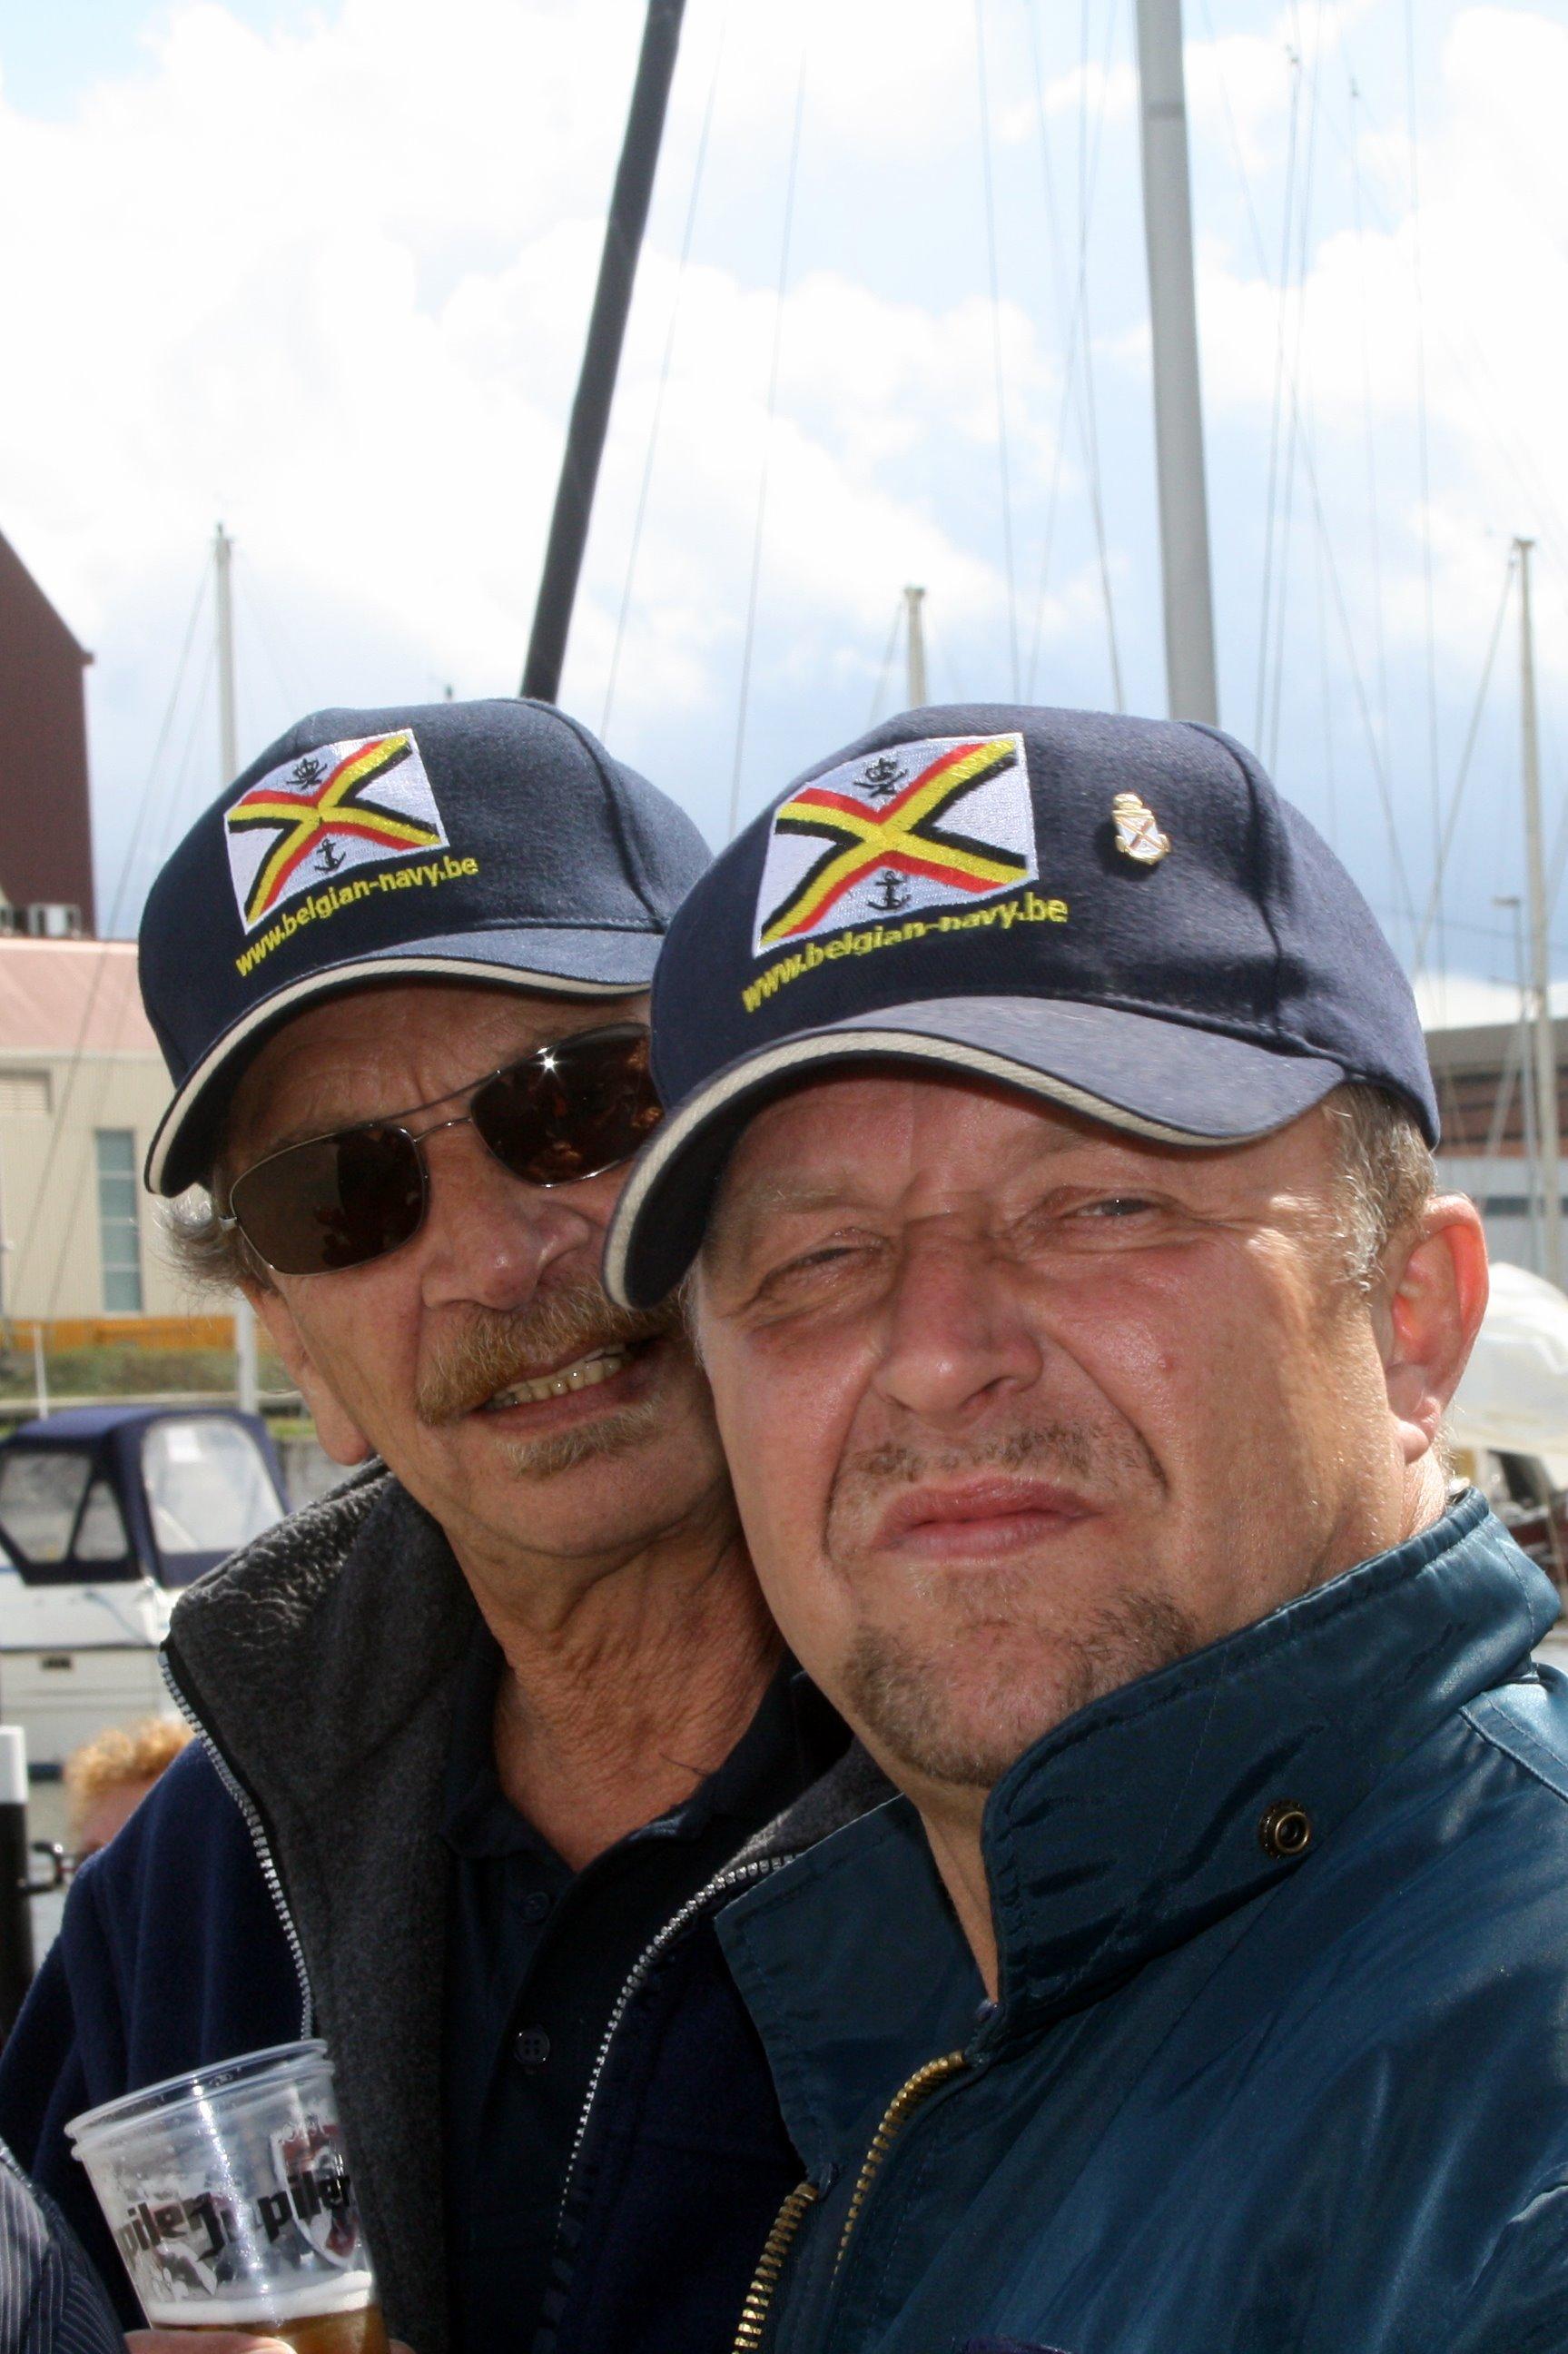 Fastes des Cadets de Marine à Bruxelles le 18/06/2011 - Page 21 1106220854551095838362331